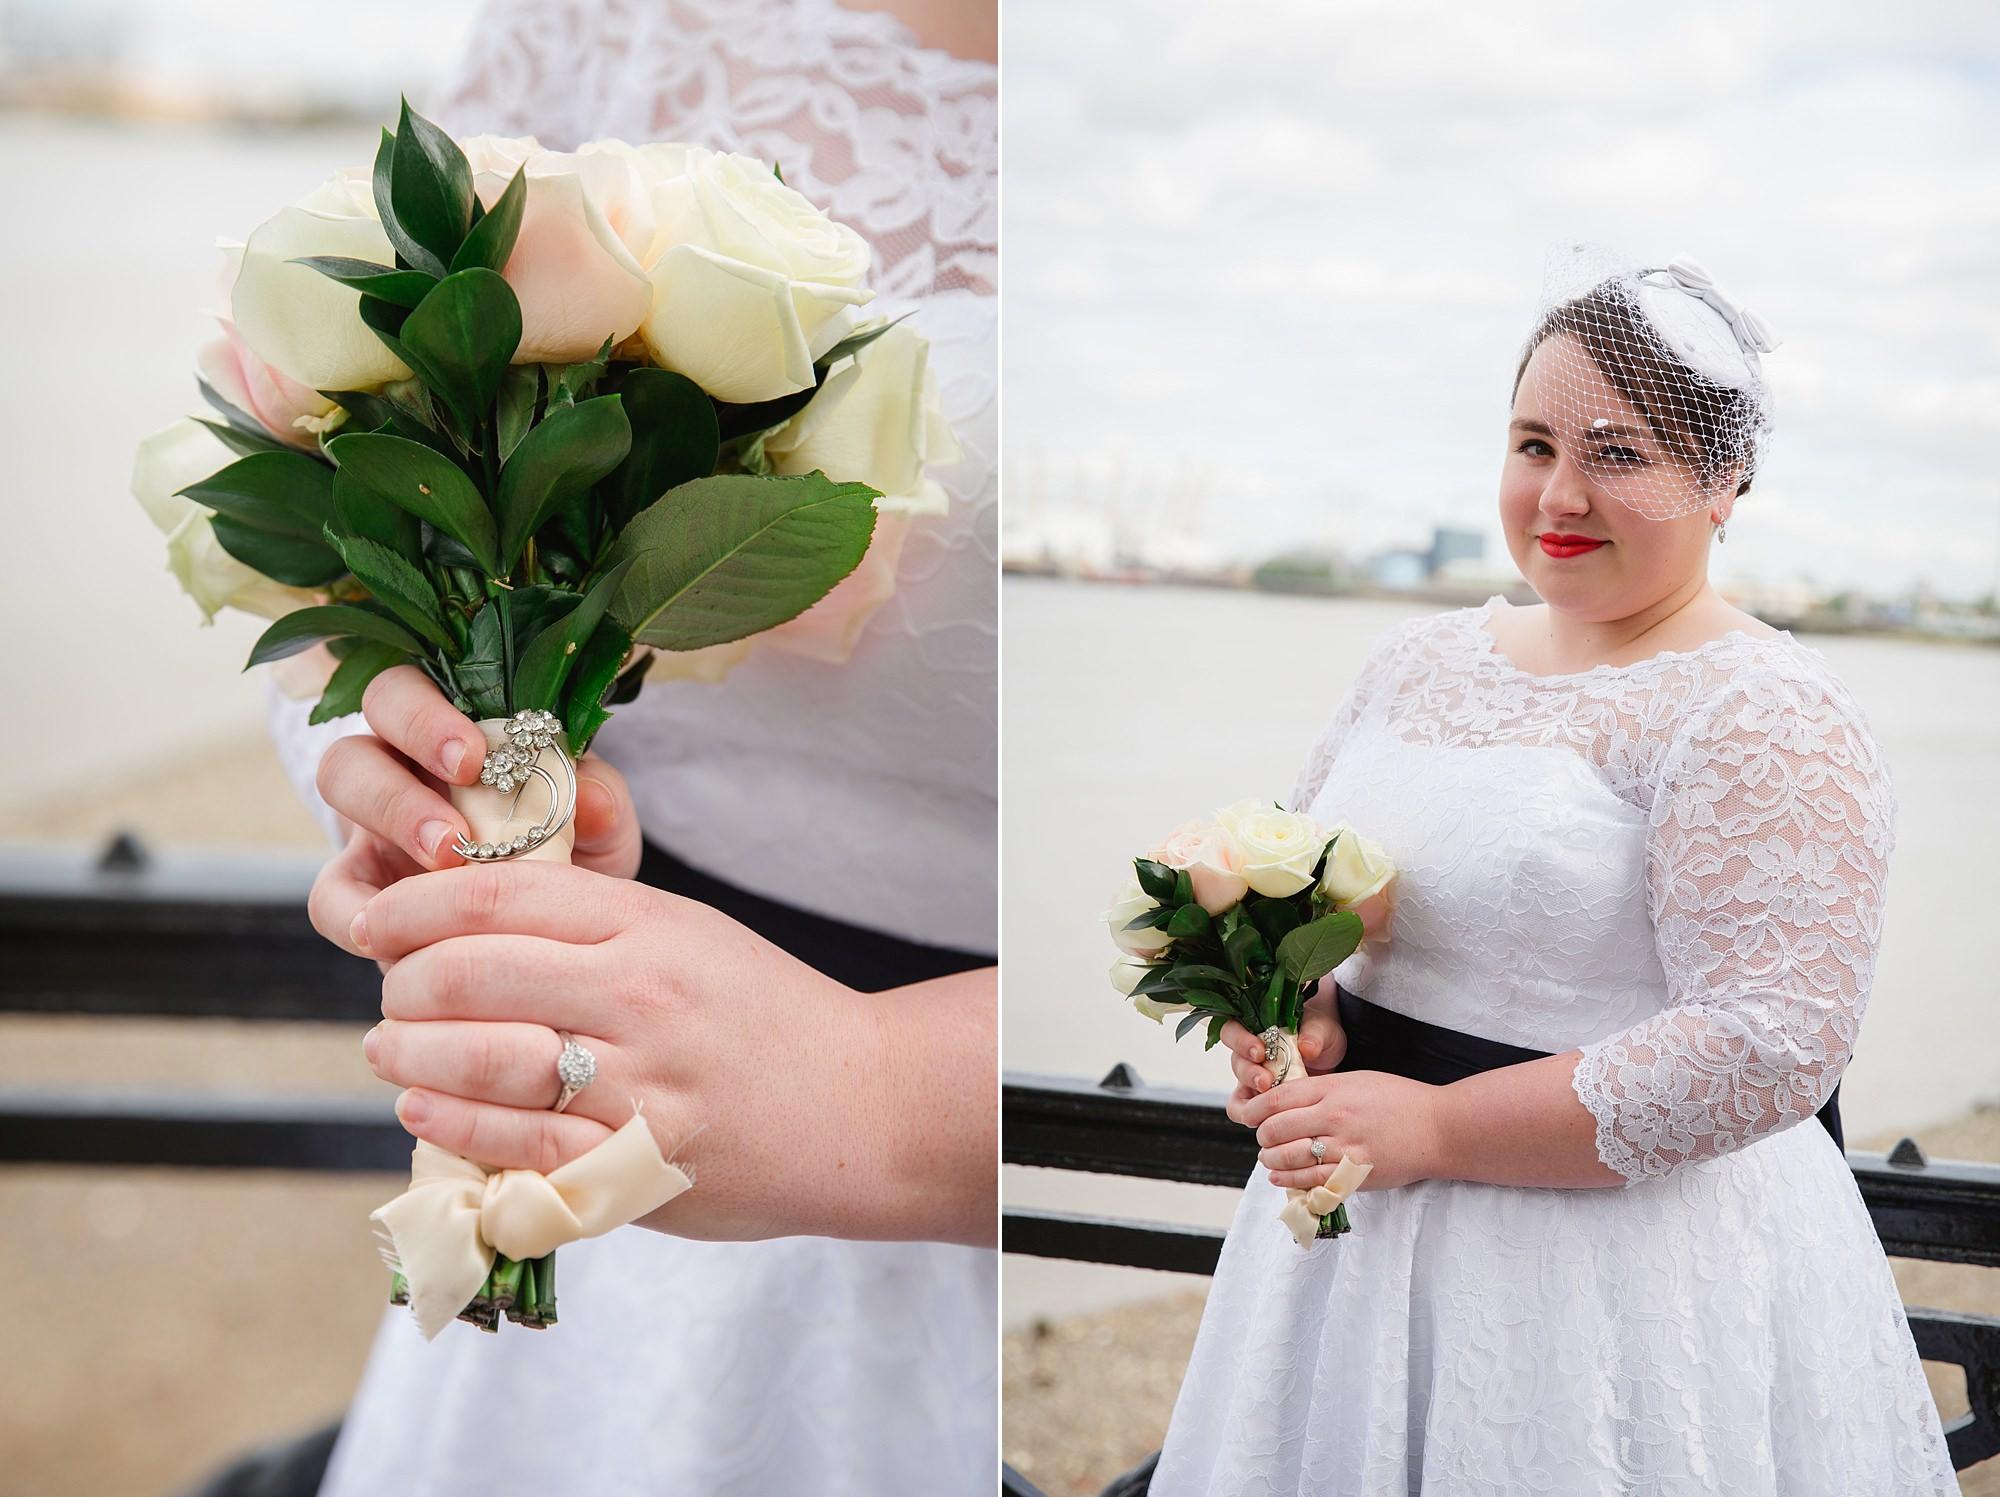 Trafalgar Tavern wedding portrait of bride and bouquet